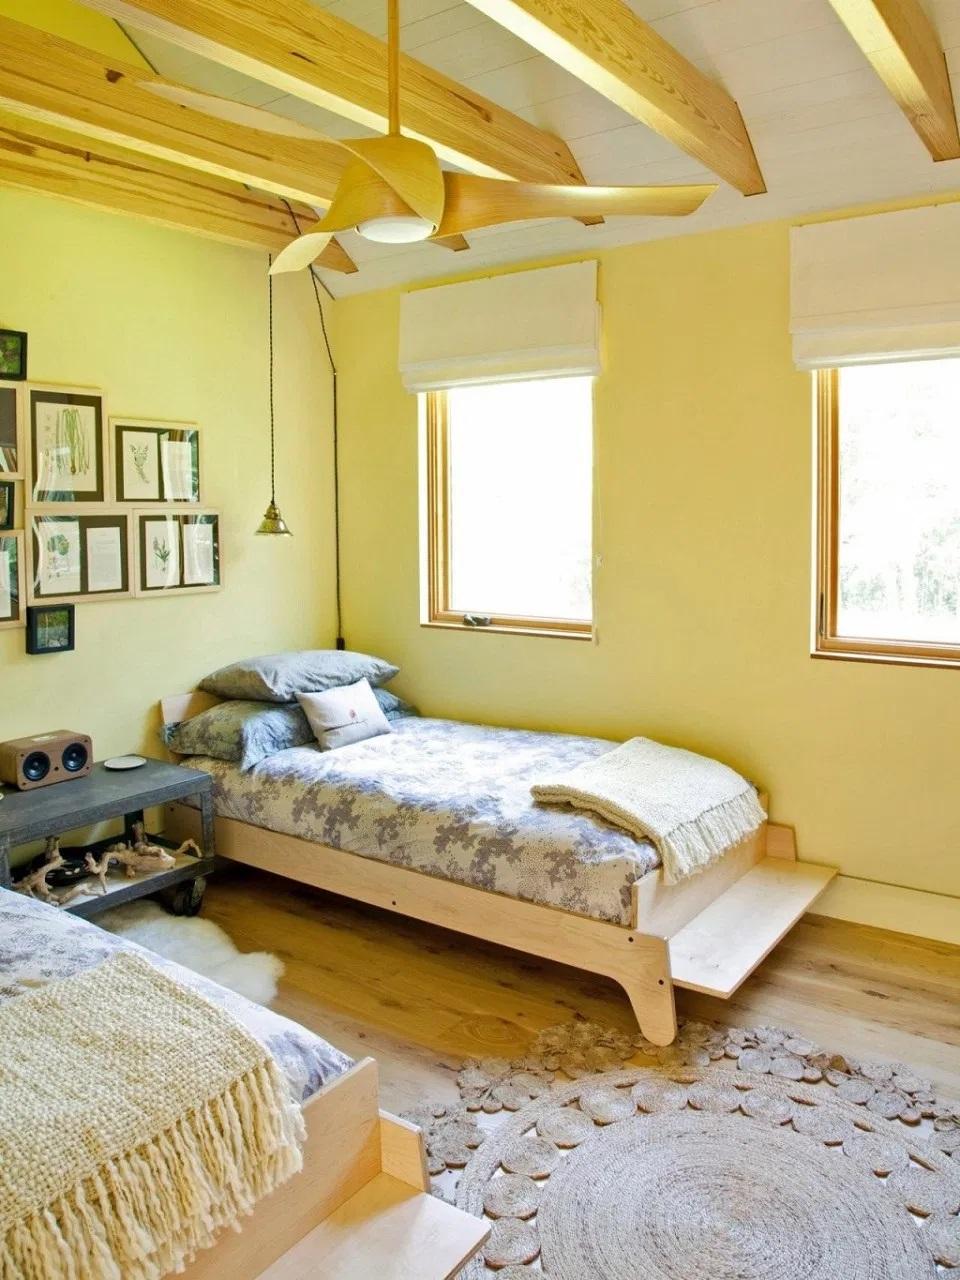 thiết kế nội thất phòng khách sạn mini tông vàng - Housedesign